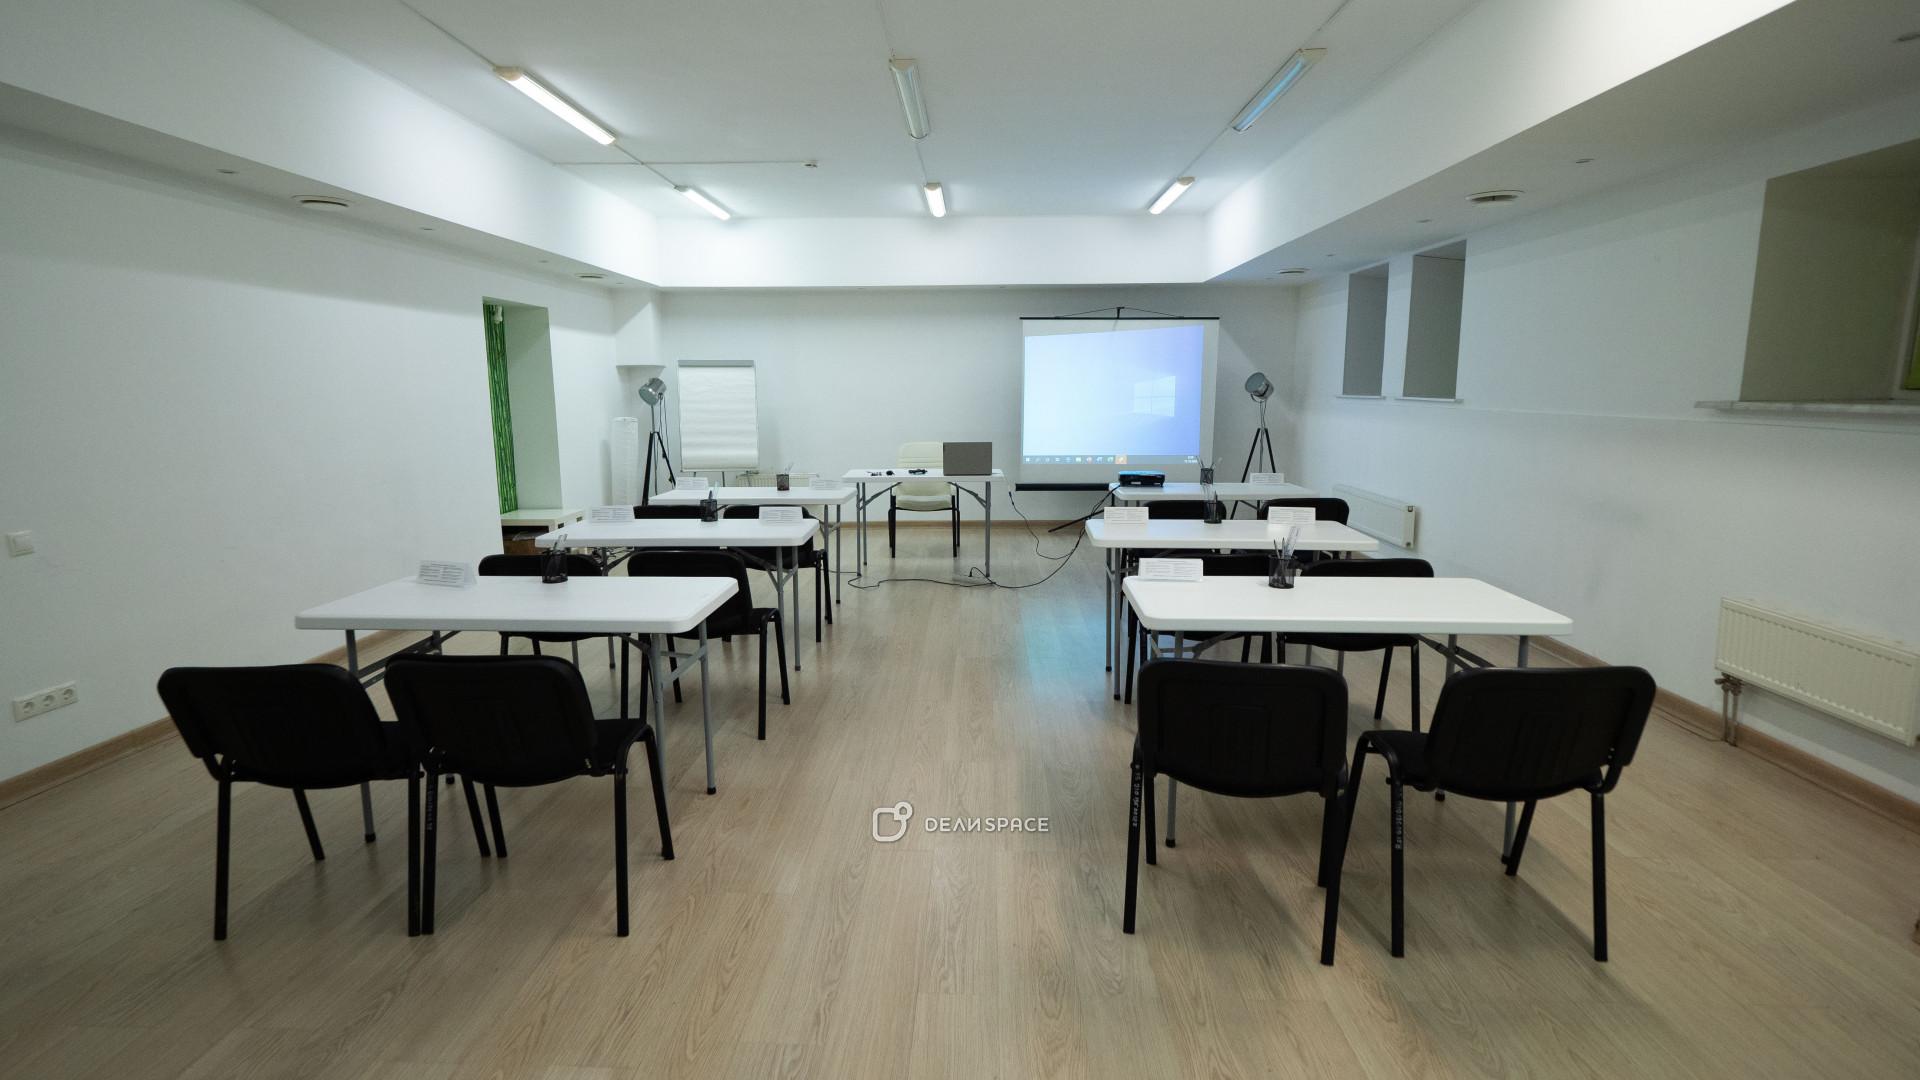 Зал для занятий спортом, боевыми искусствами, йогой, медитацией, подвижными практиками - фото №5